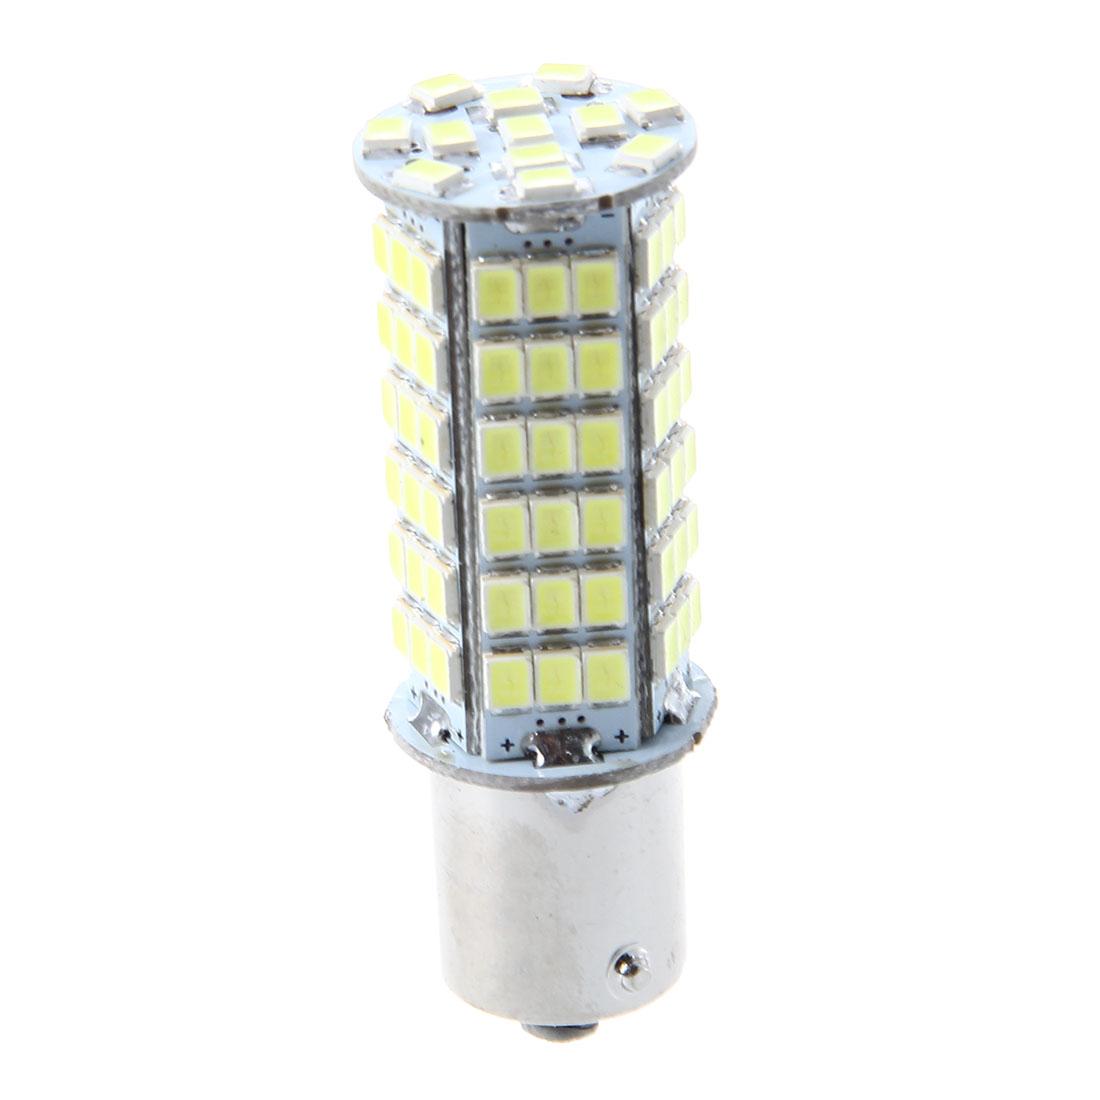 2 1157 102 smd led lampe ampoule blanche pour voiture wt for Ampoule pour lampe a lave